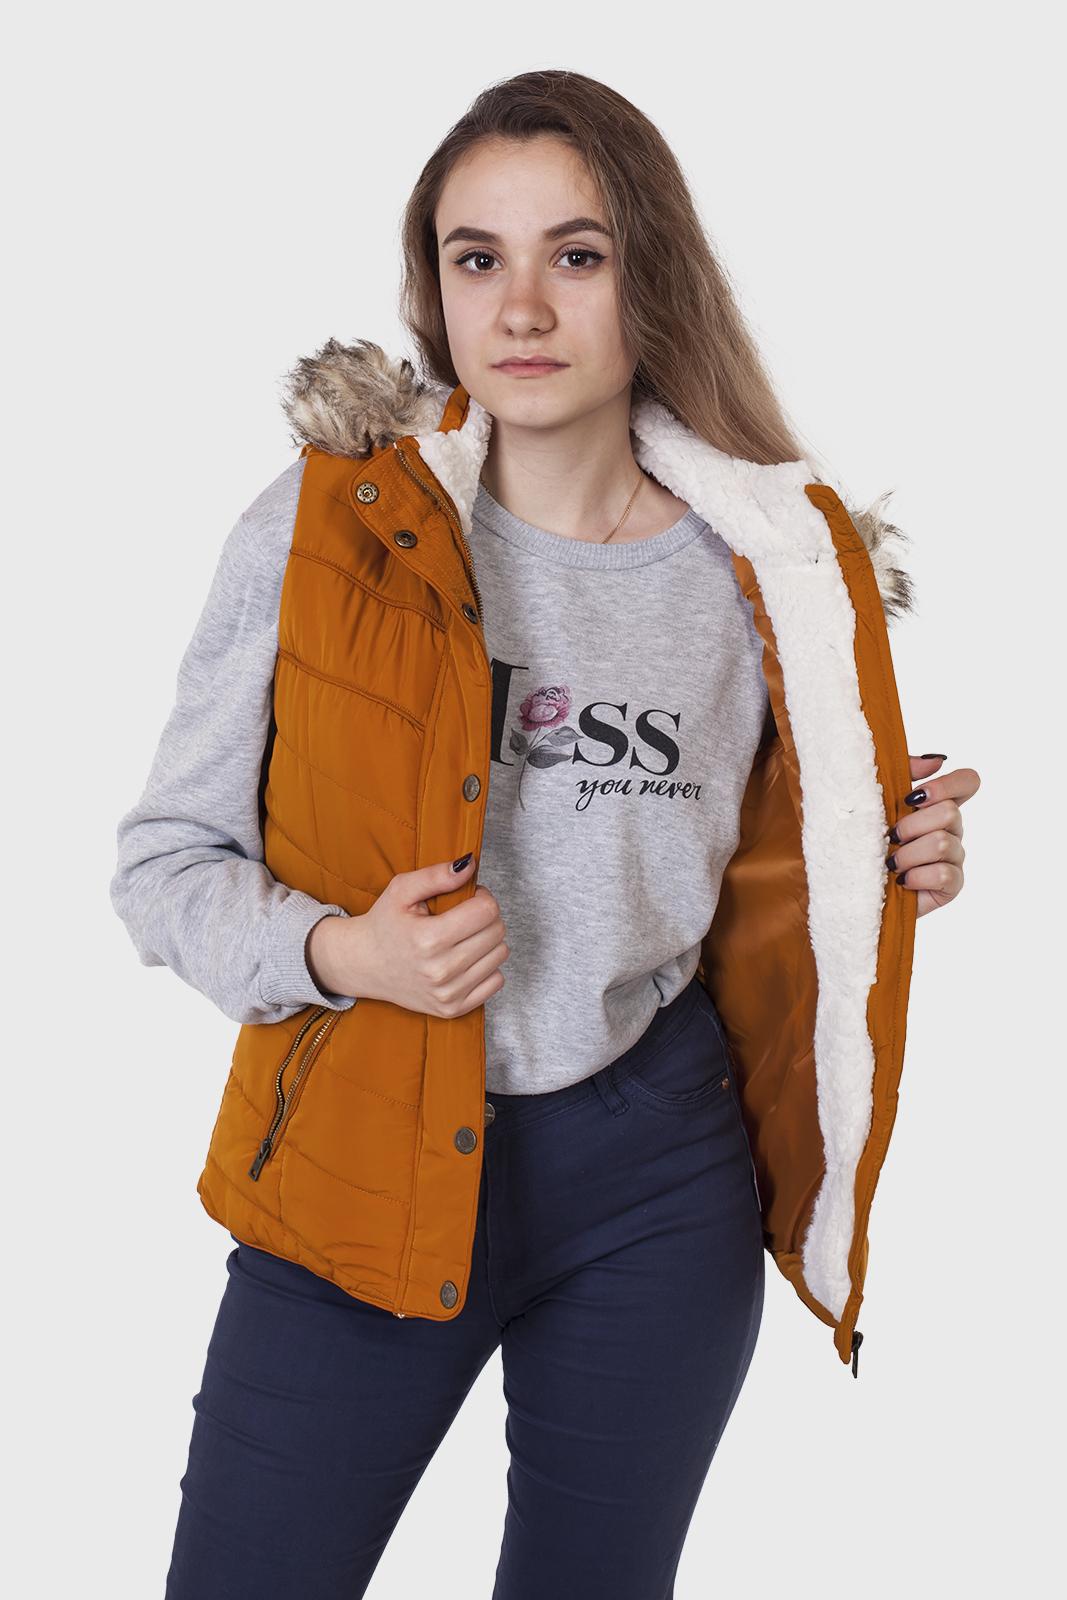 Женская куртка-жилет от Aeropostale (США) с удобной доставкой